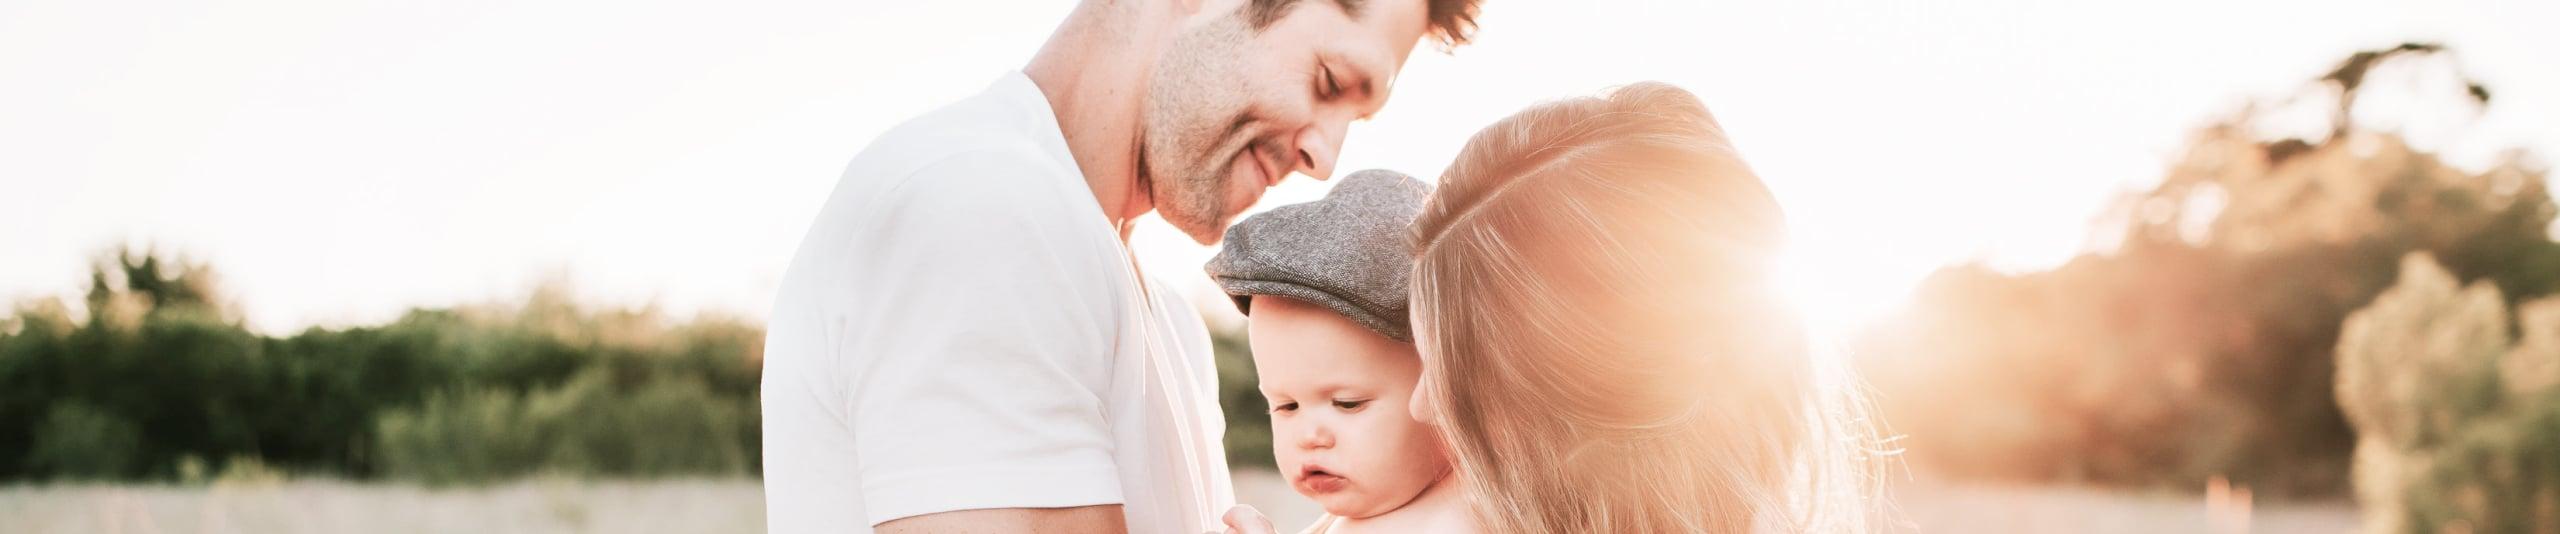 Seguro de saúde: conheça as vantagens para si e para a sua família